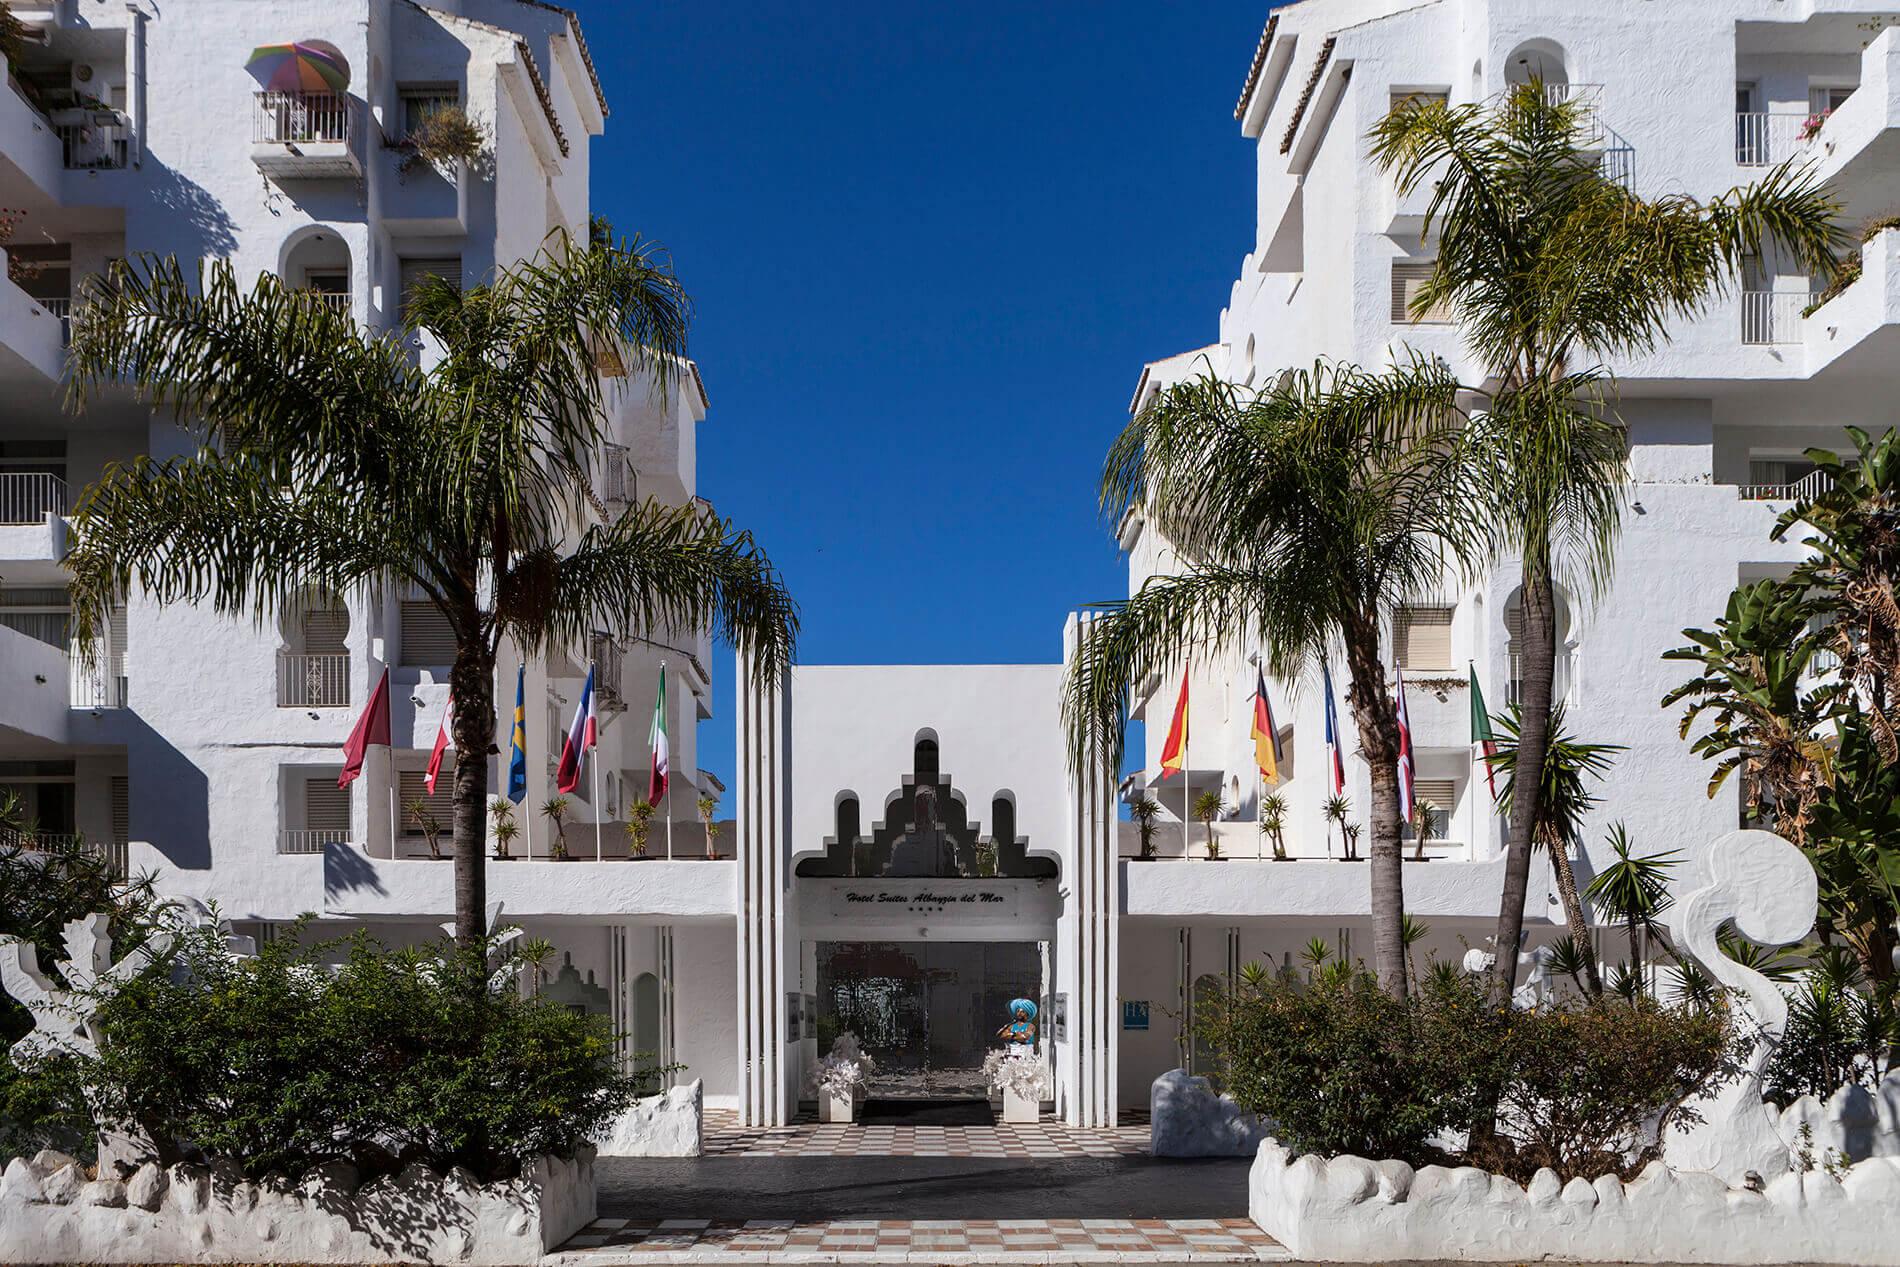 Espanja-Almuneckar-Hotel Suite Albayzin del Mar